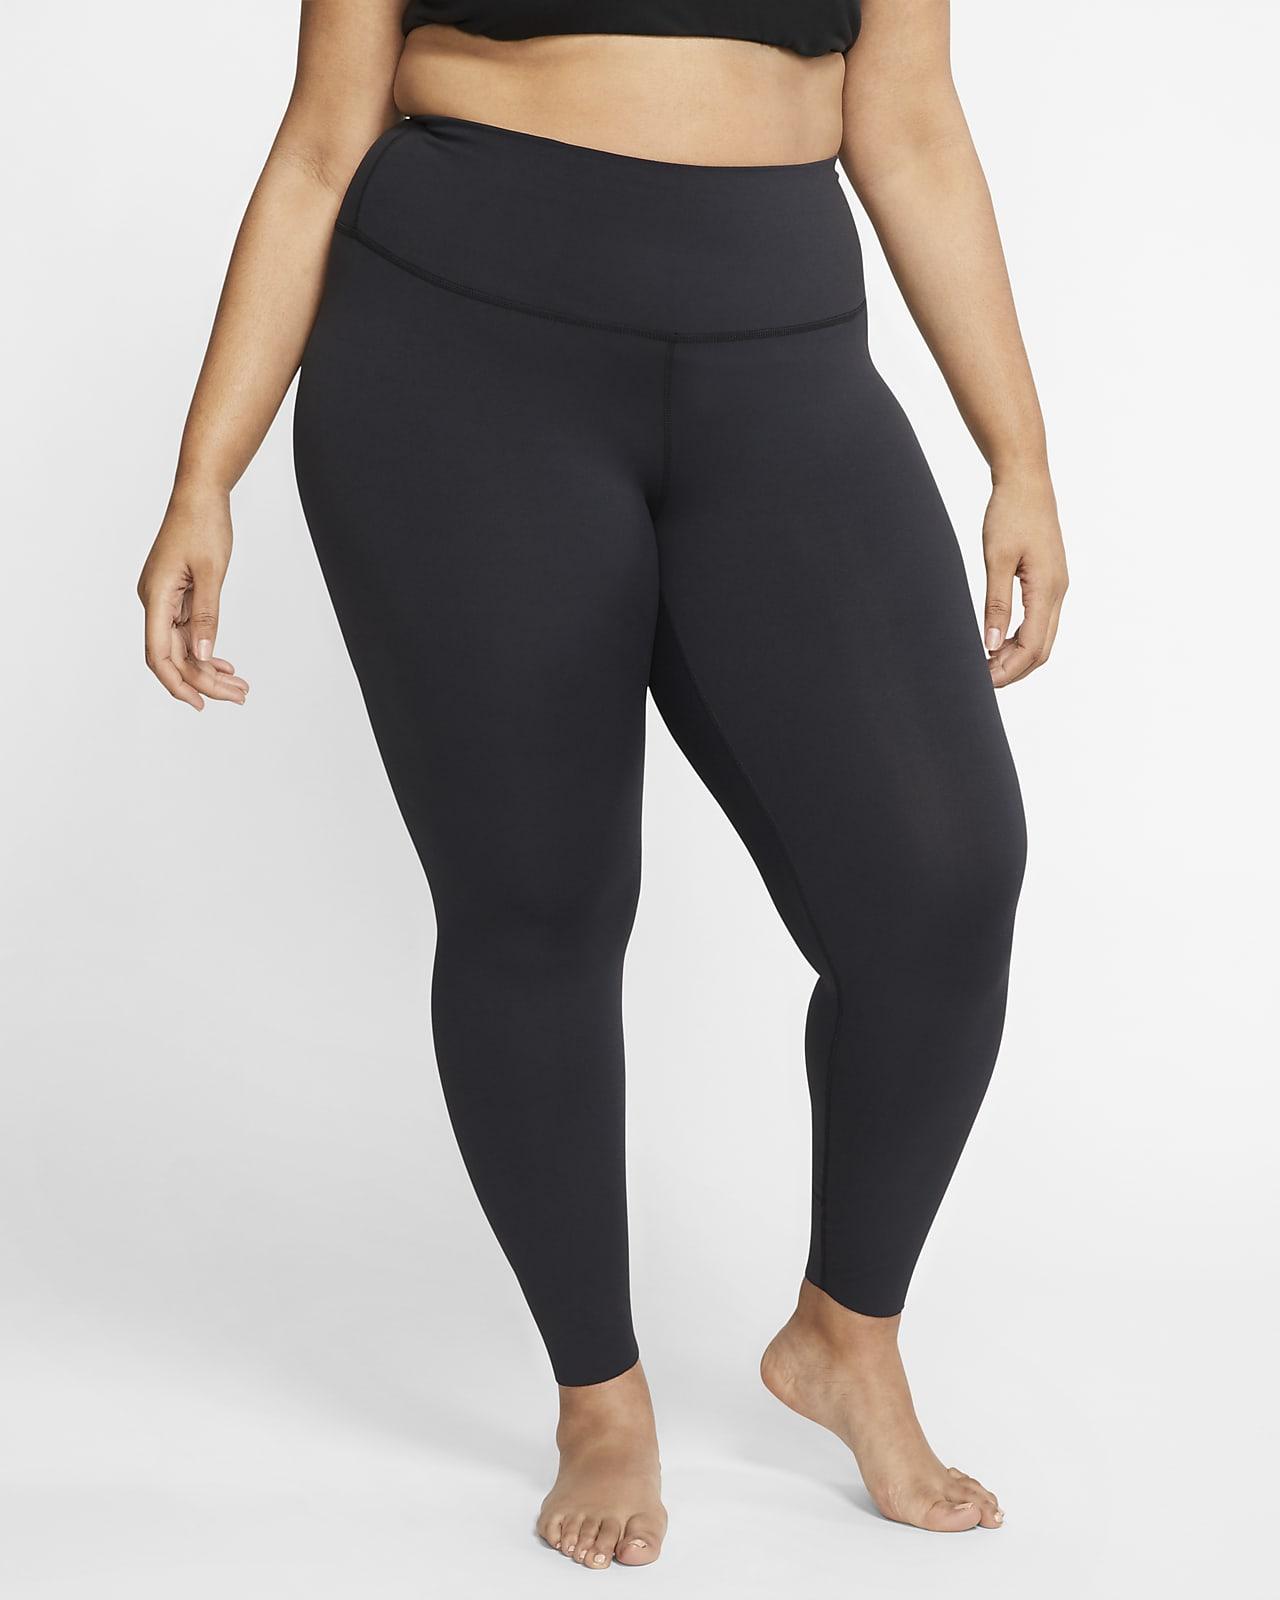 Nike Yoga Luxe-Infinalon-leggings i 7/8-længde og høj talje (plus size) til kvinder